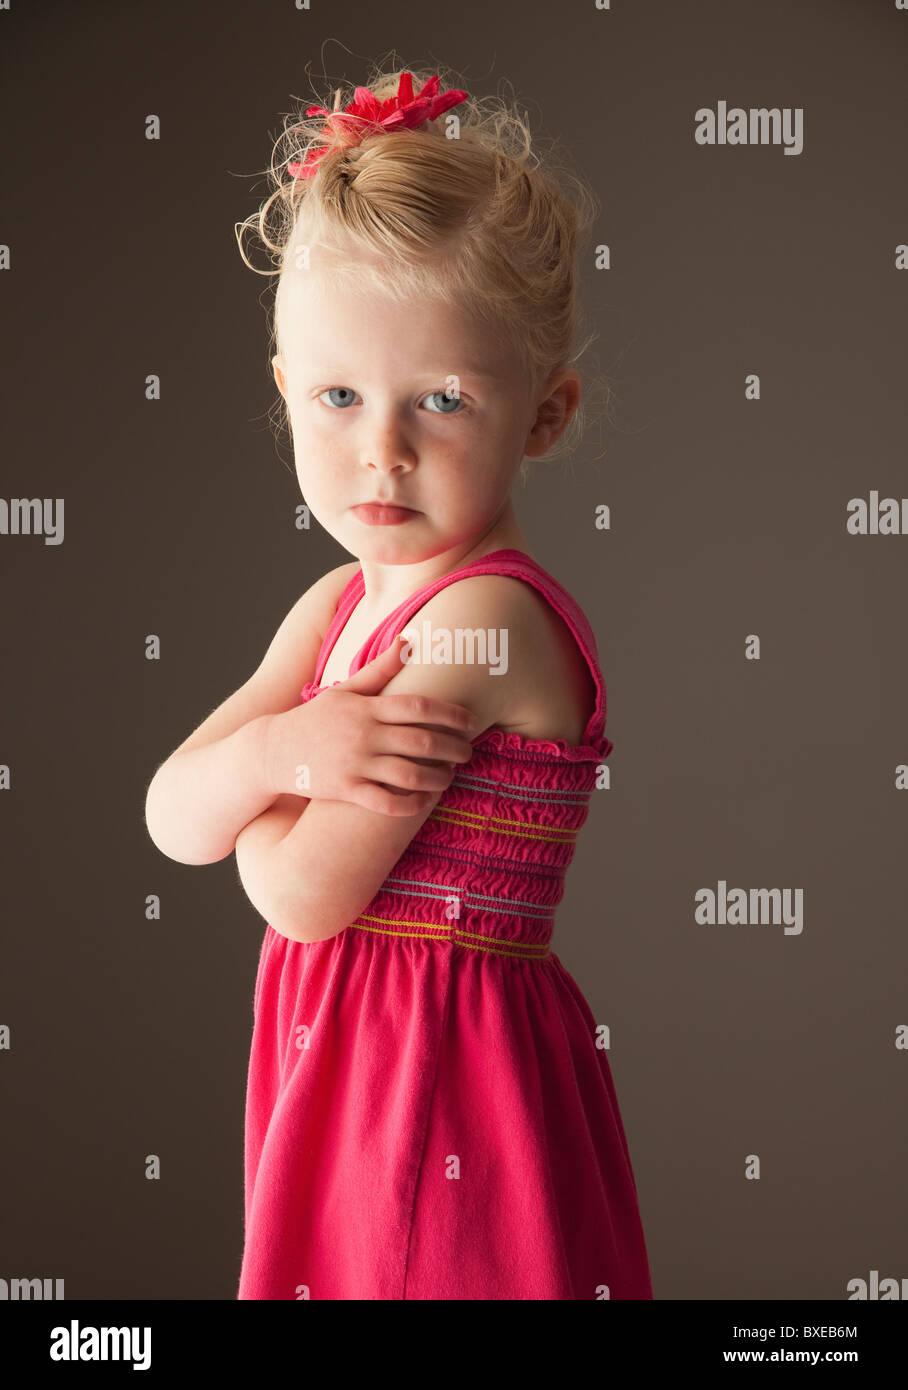 Schmollend junges Mädchen Stockbild